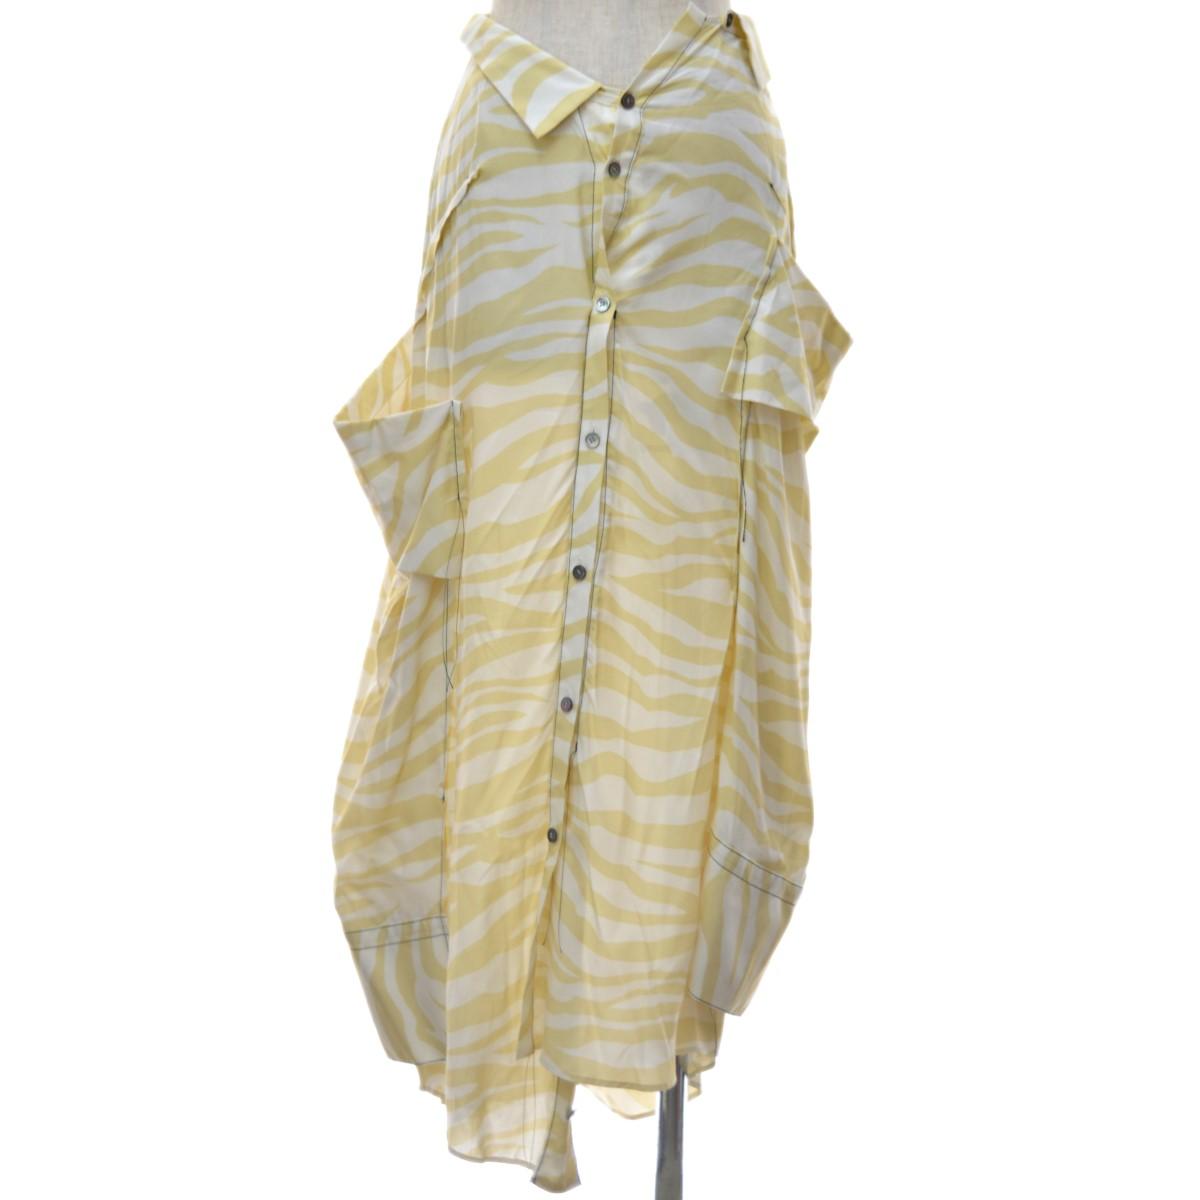 【中古】IRENE 19SS The shirts pressed Skirt シャツ風スカート ベージュ サイズ:36 【280420】(アイレネ)